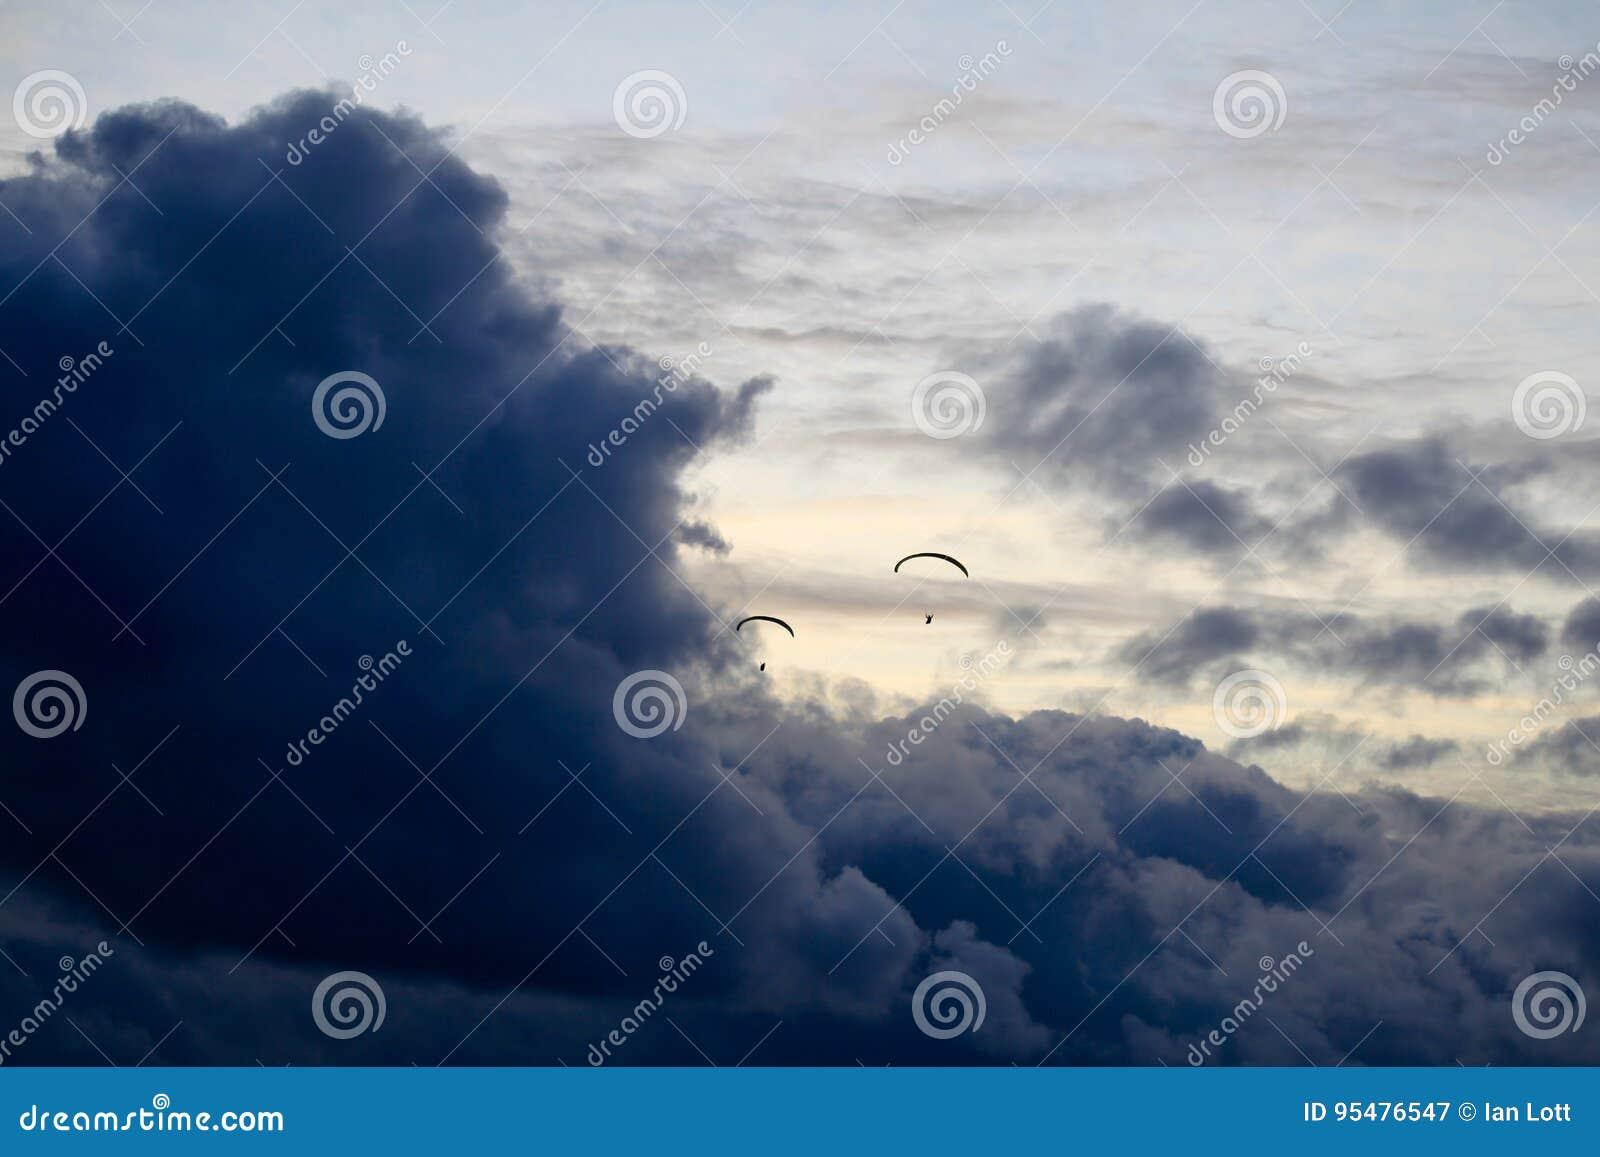 Hangliders wchodzić do burzę nad morzem